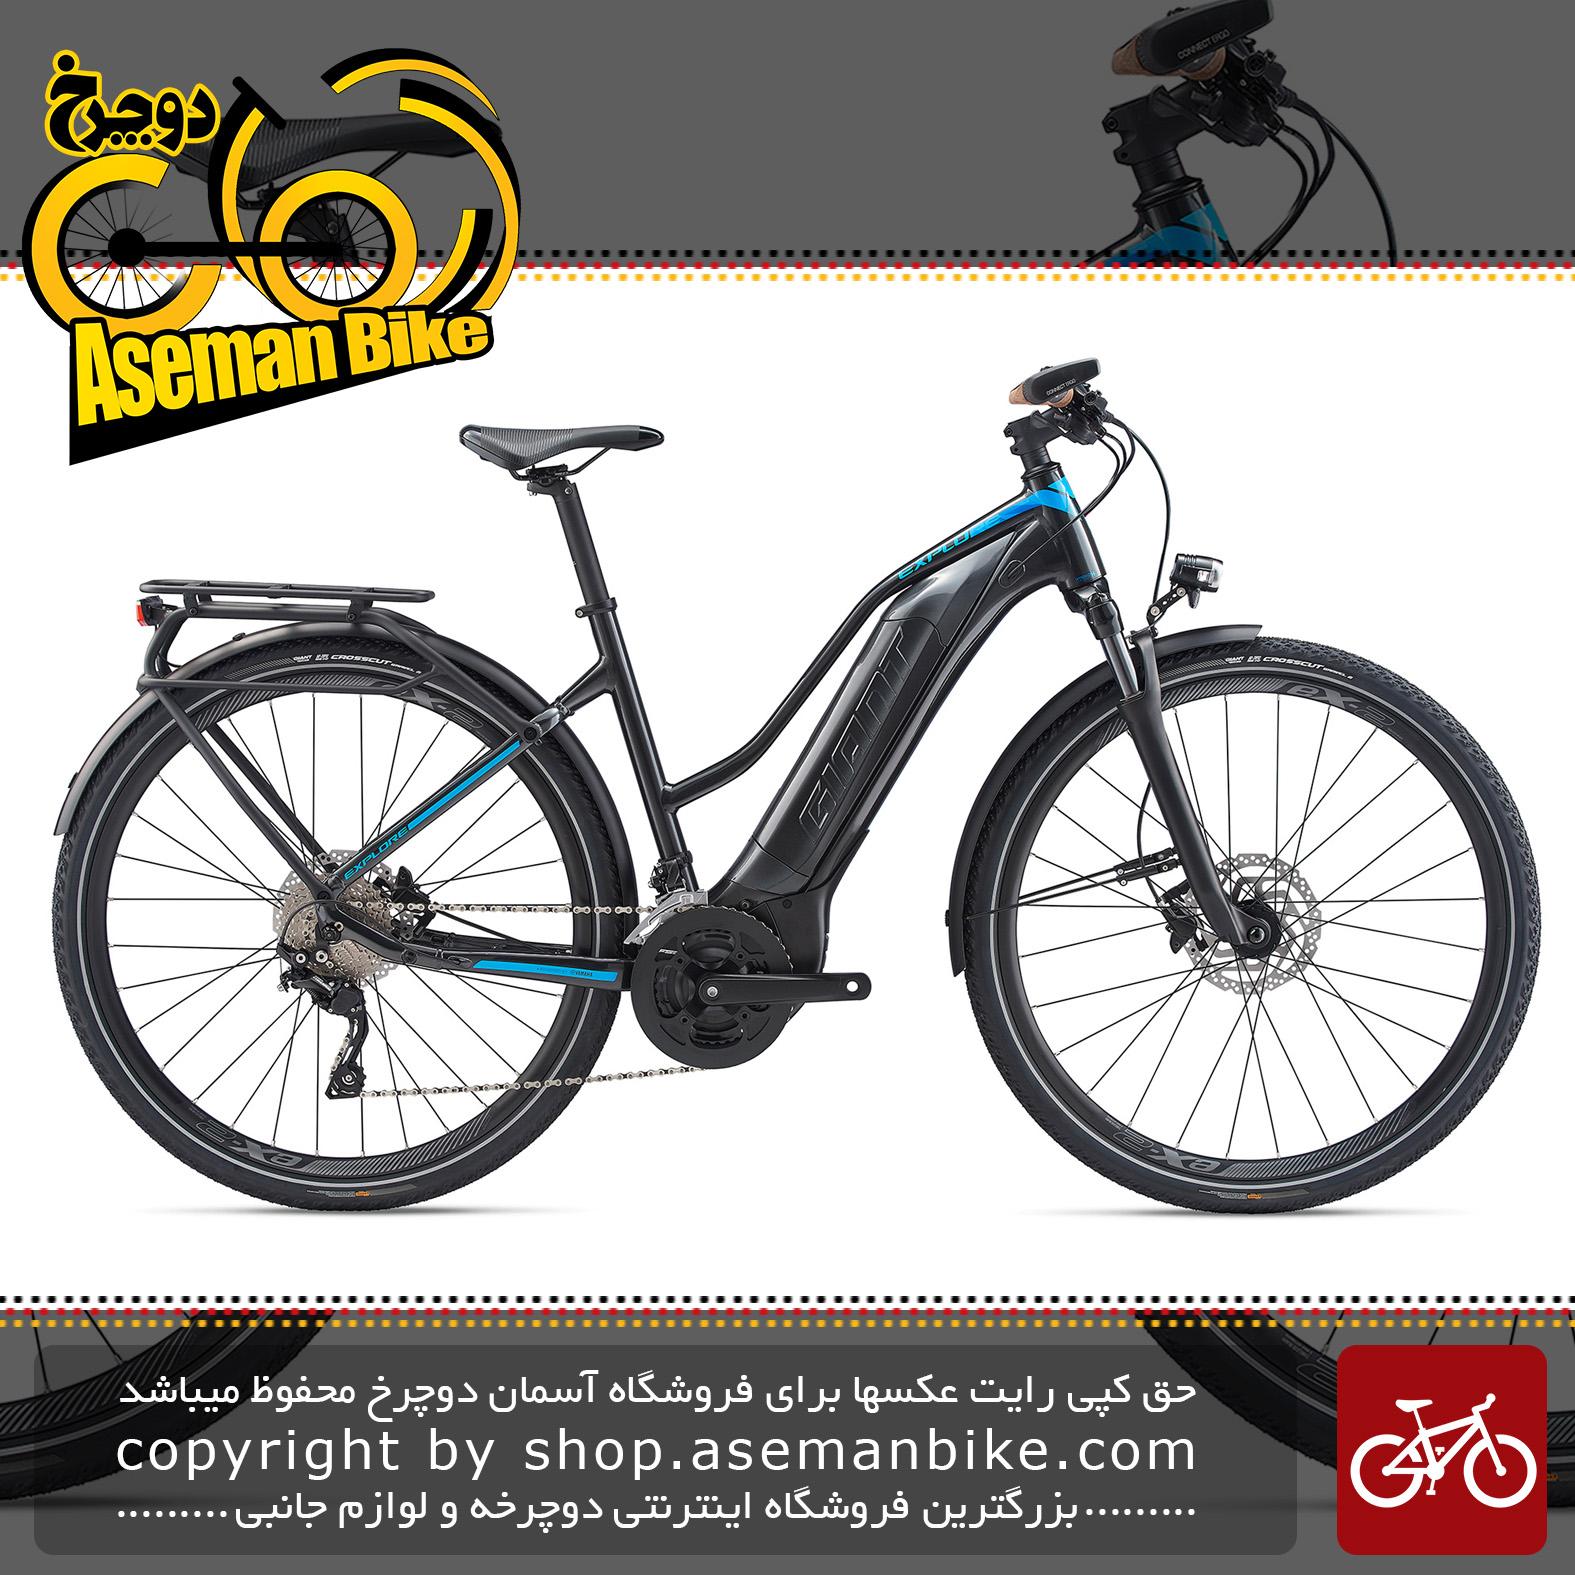 دوچرخه دومنظوره برقی جاینت مدل اکسپلور ای پلاس 1 اس تی ای 2020 Giant Trekking Bicycle Explore E+ 1 STA 2020